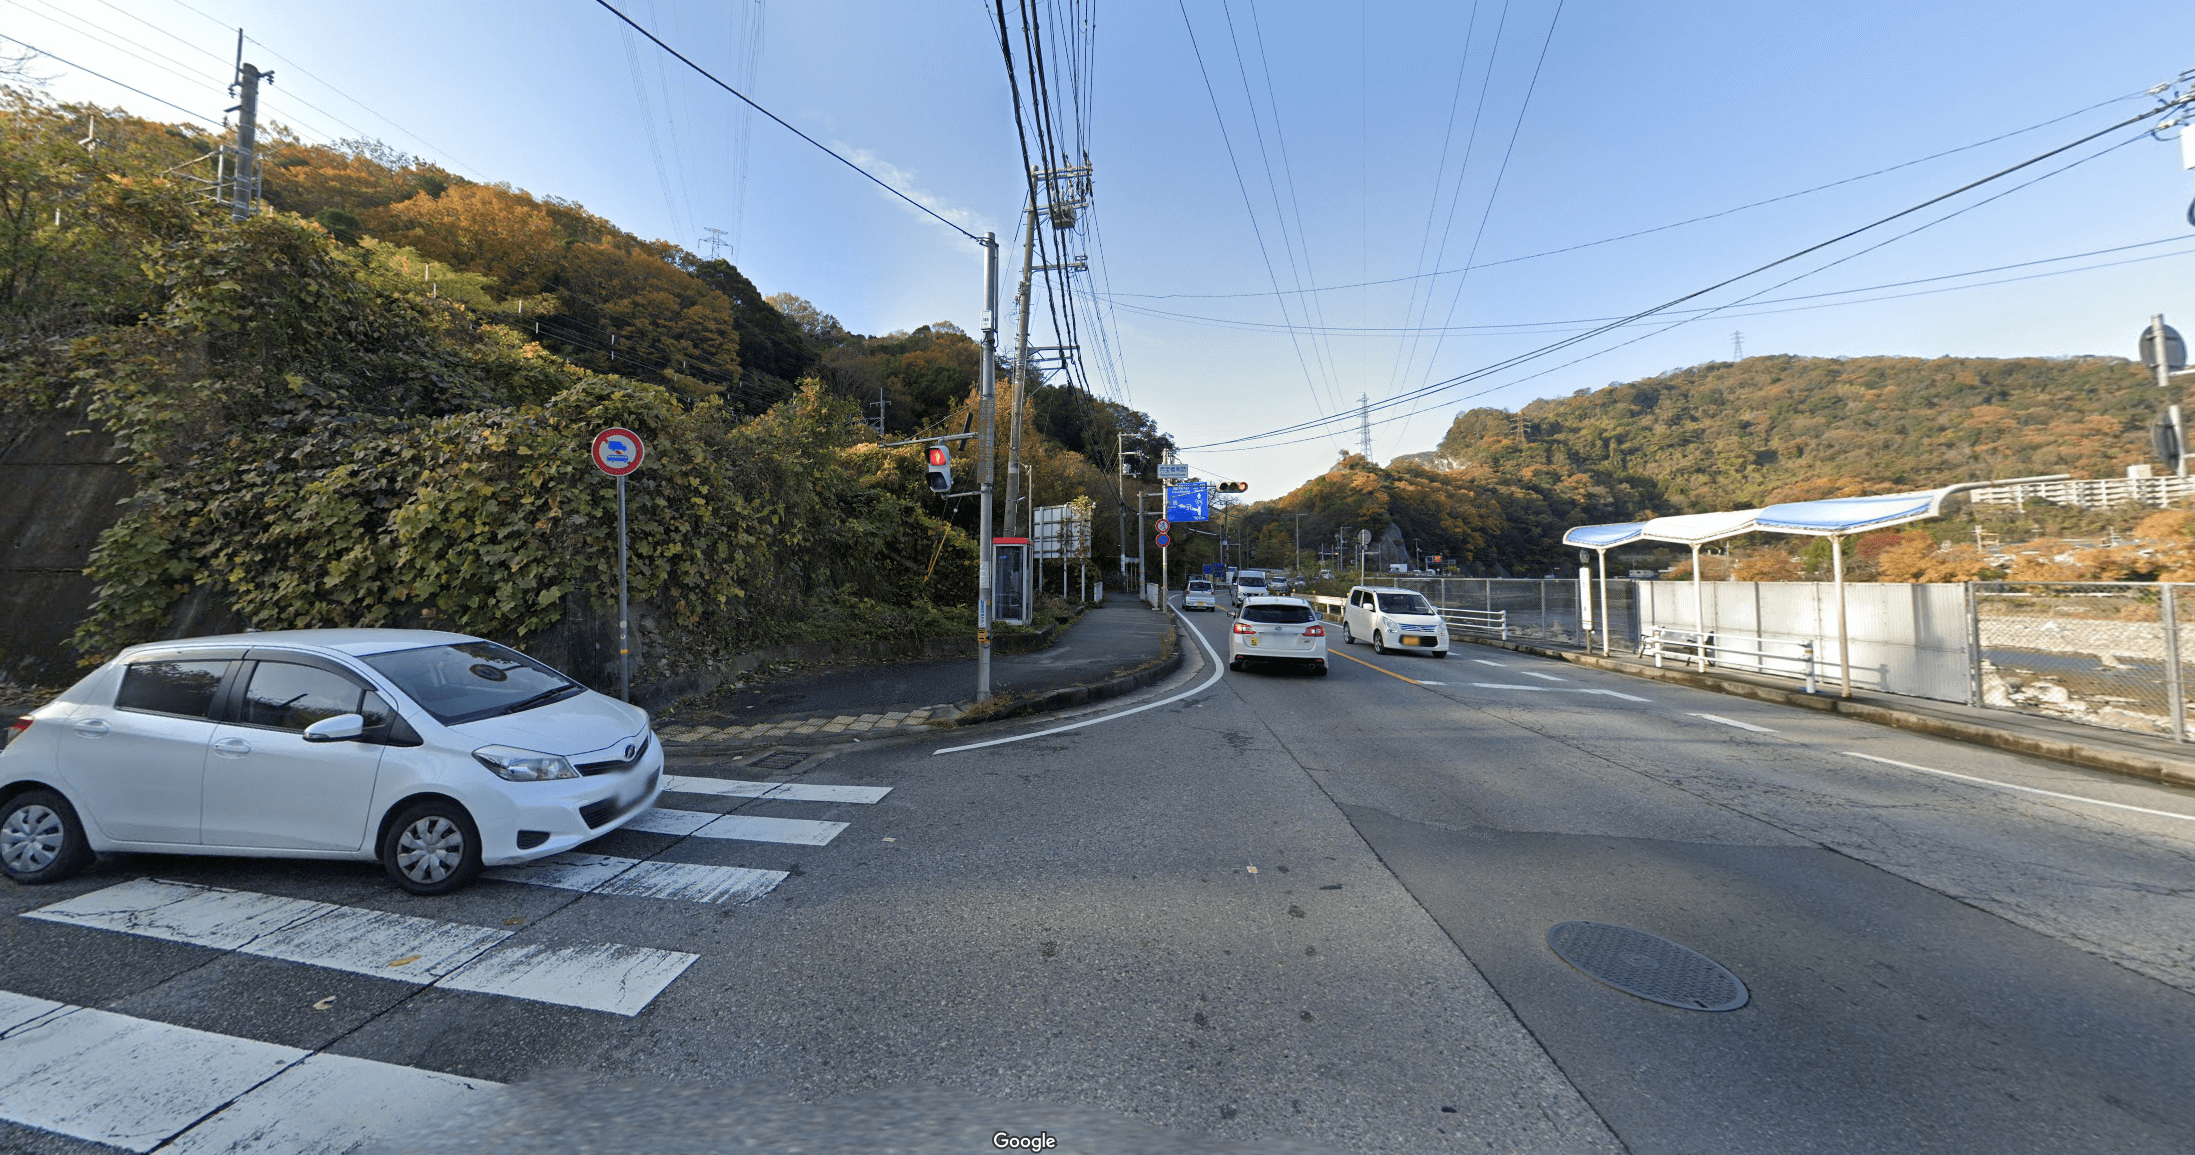 生瀬駅を降りて高架下をくぐり抜け、1つ目の信号交差点(西宝橋南詰交差点)を左に曲がり、しばらく道沿いに進む